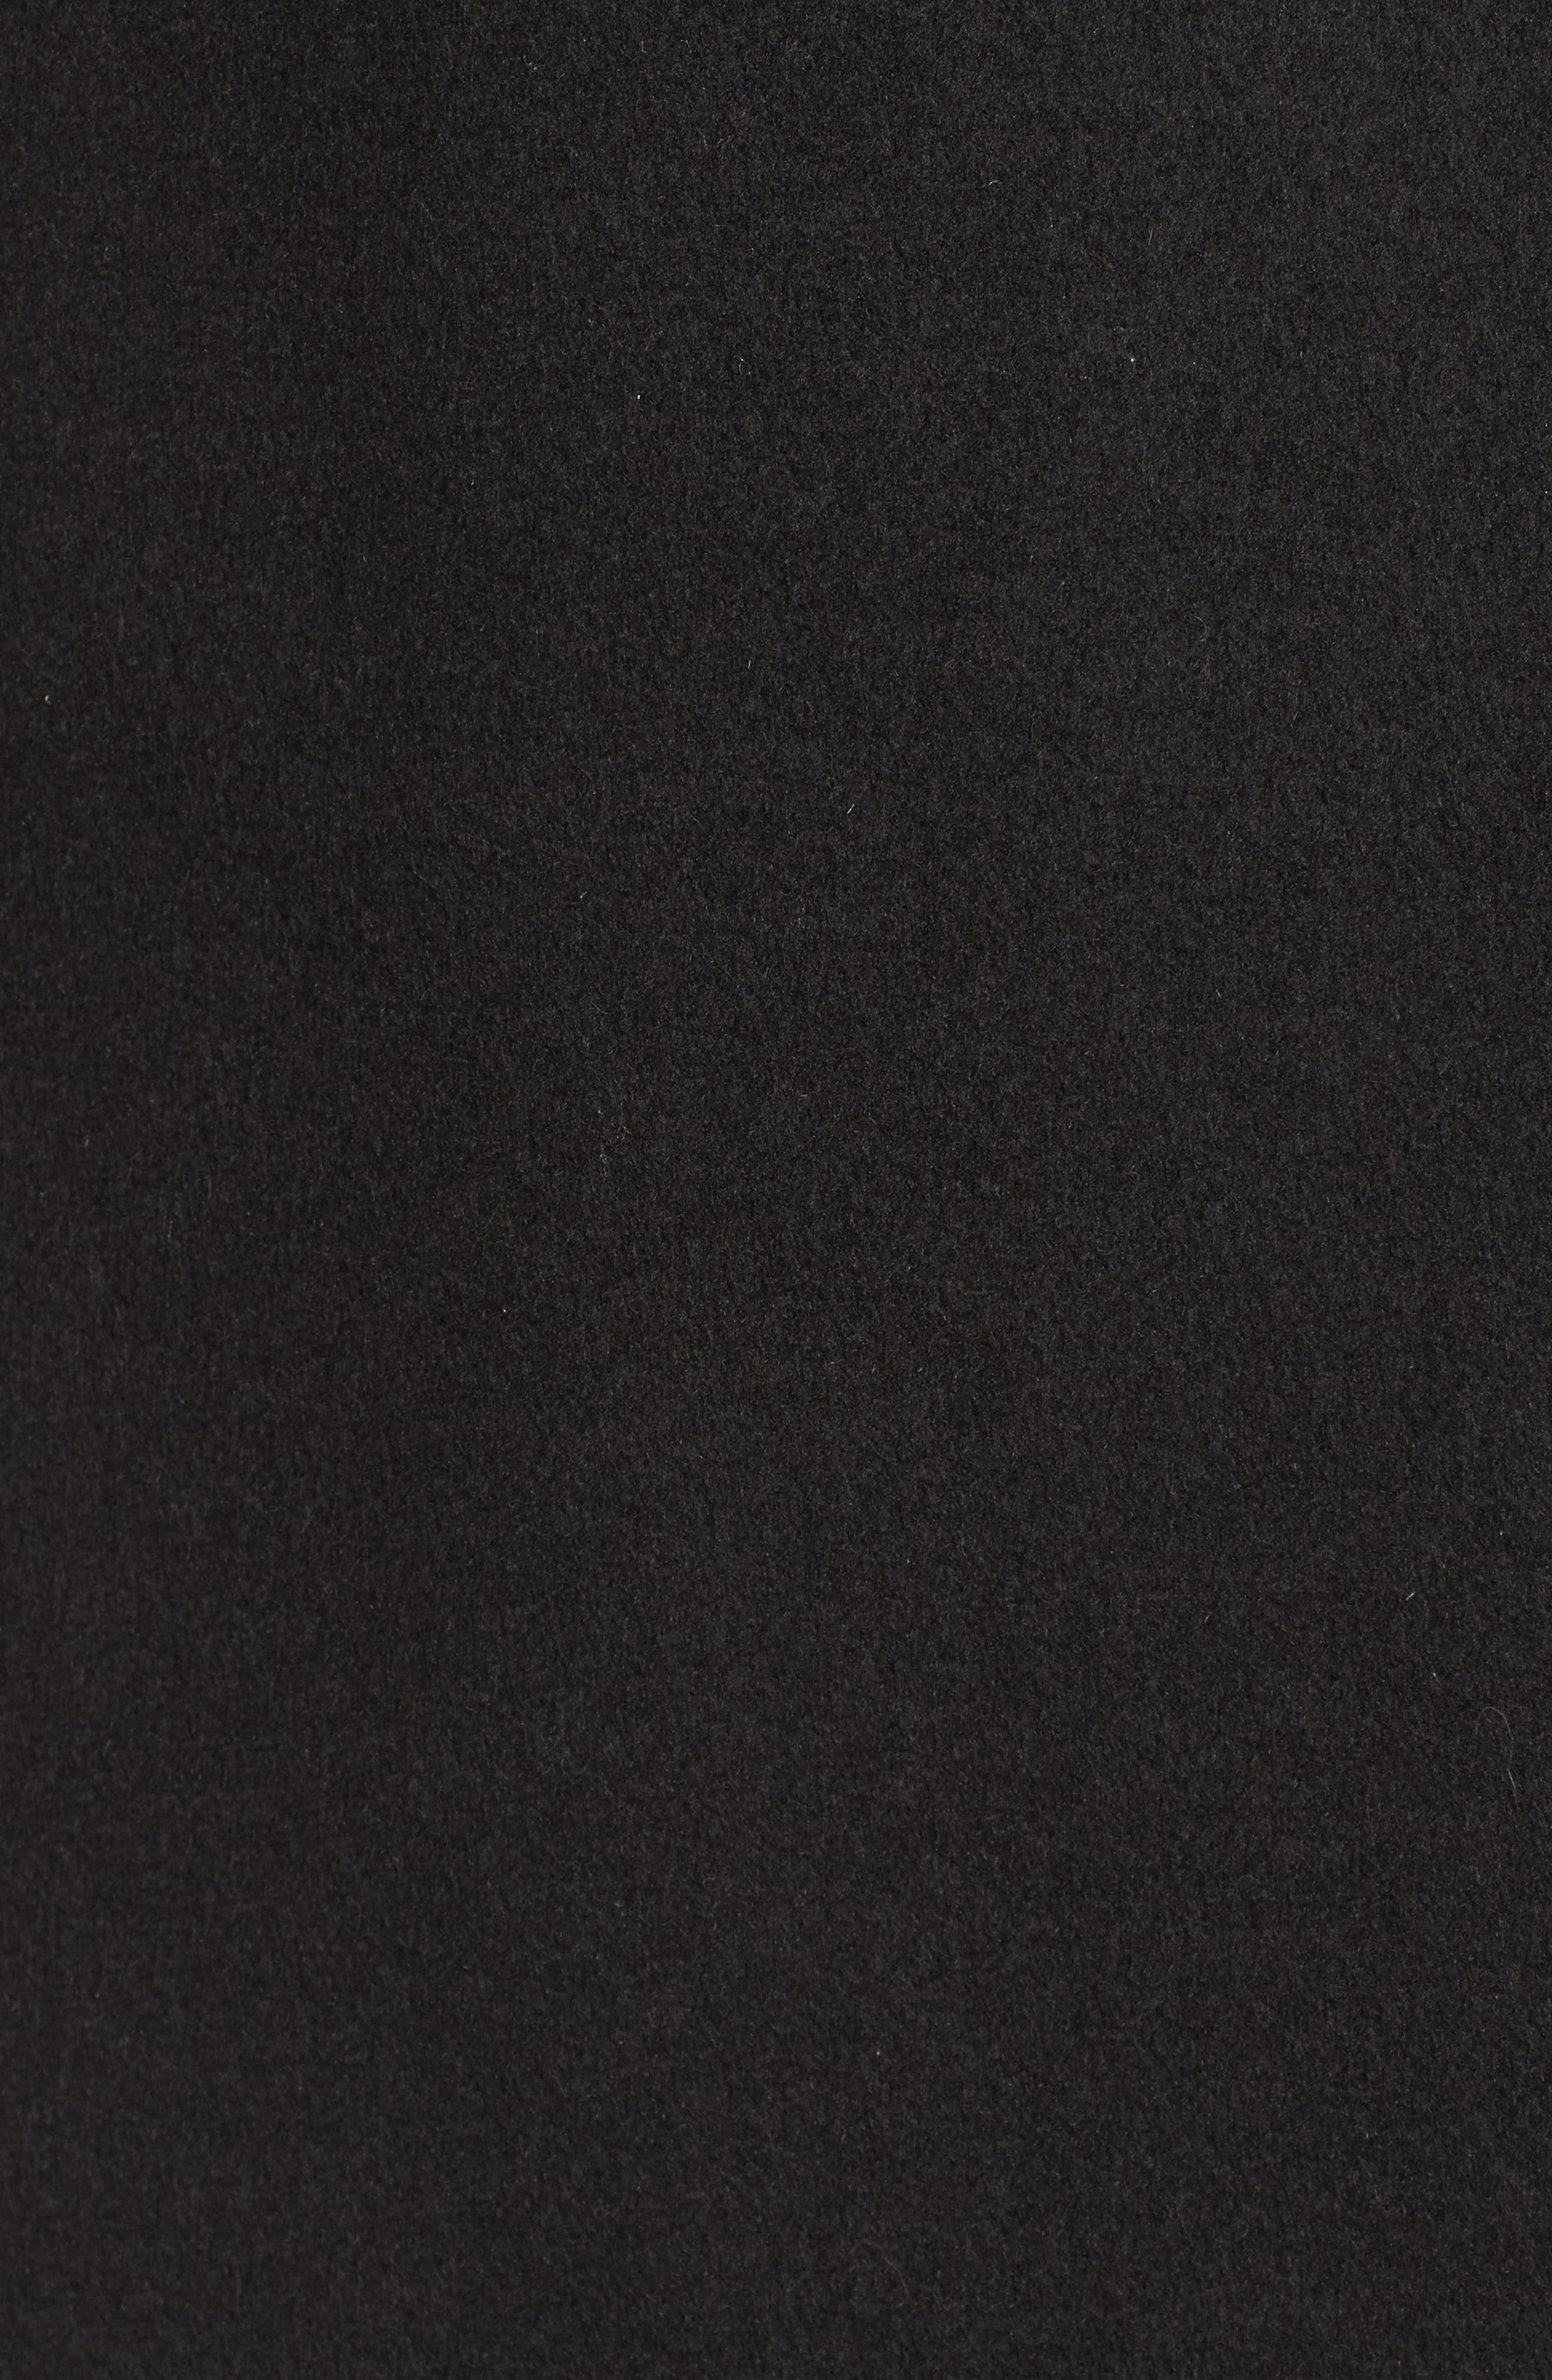 DKNY Lavish Wool Blend Coat,                             Alternate thumbnail 5, color,                             Black